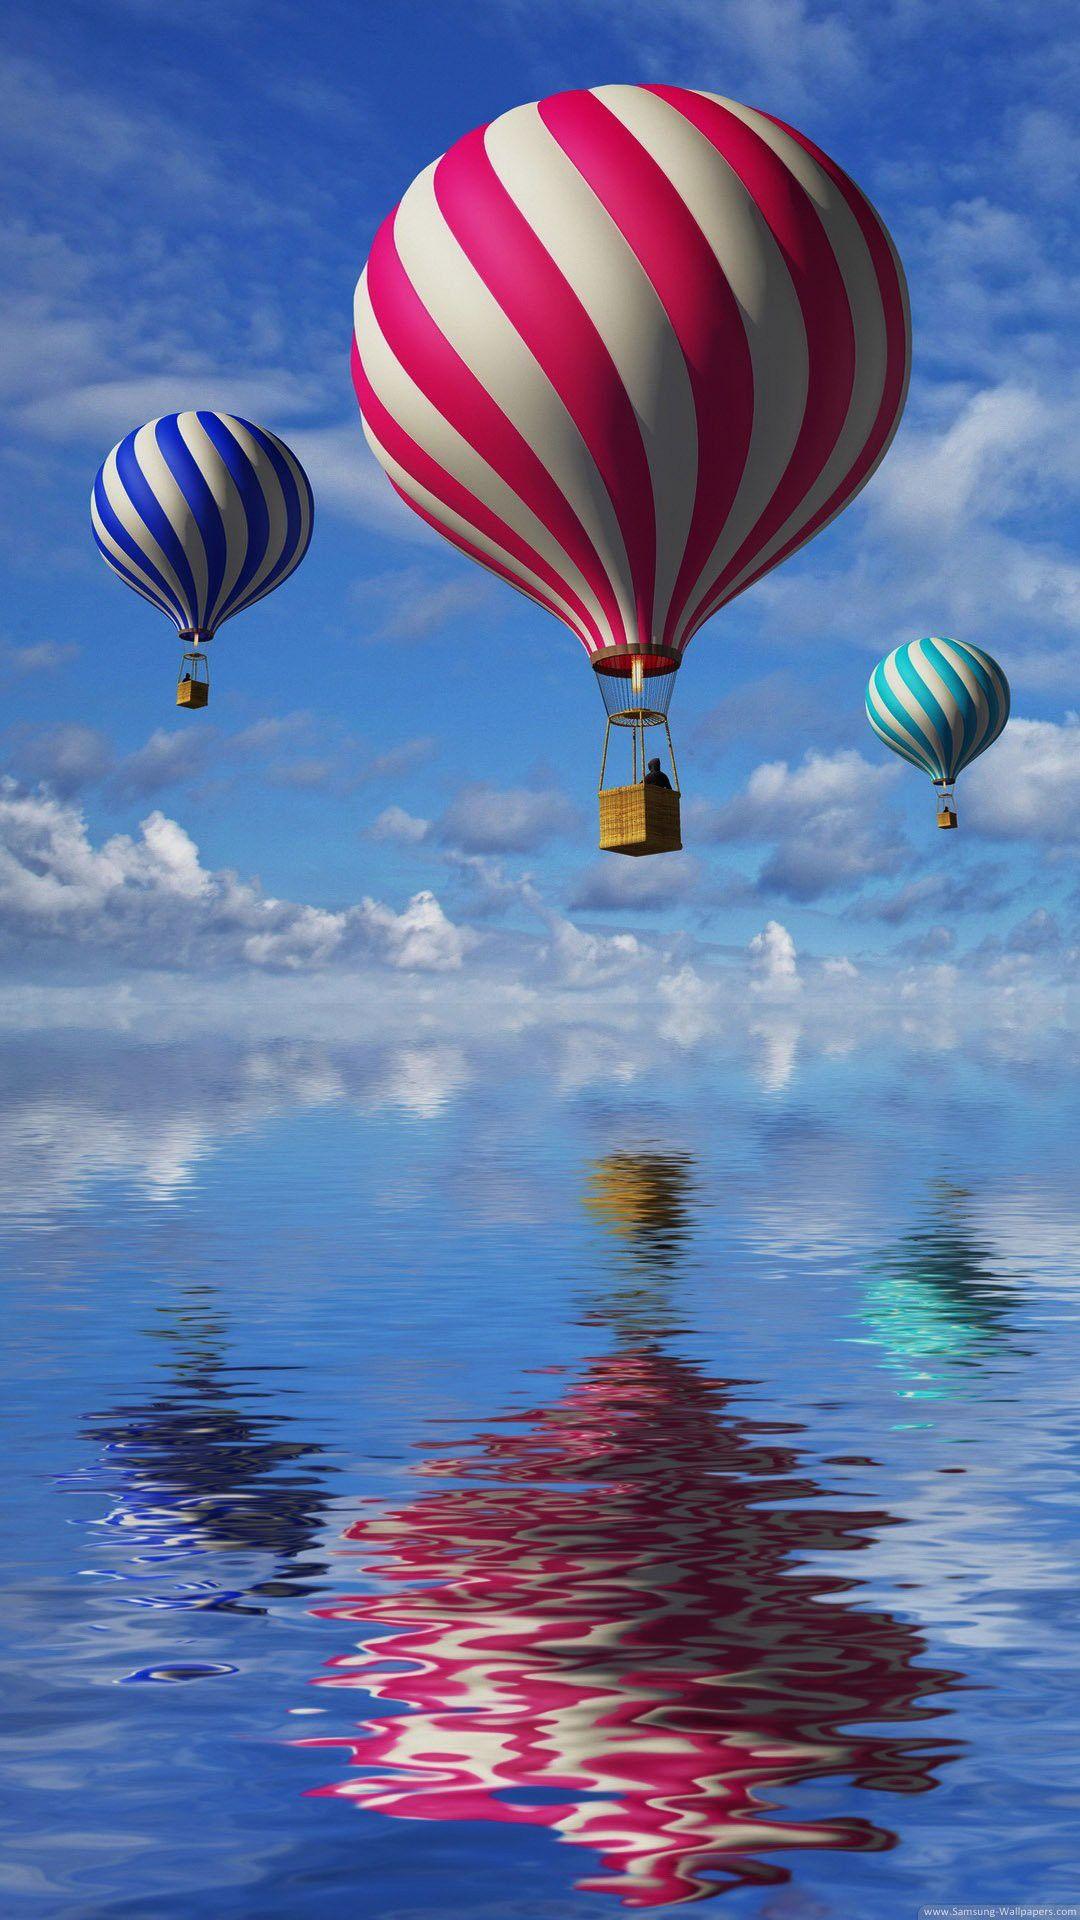 Pin by Dishant on Wallpapers Hot air balloon, Hot air